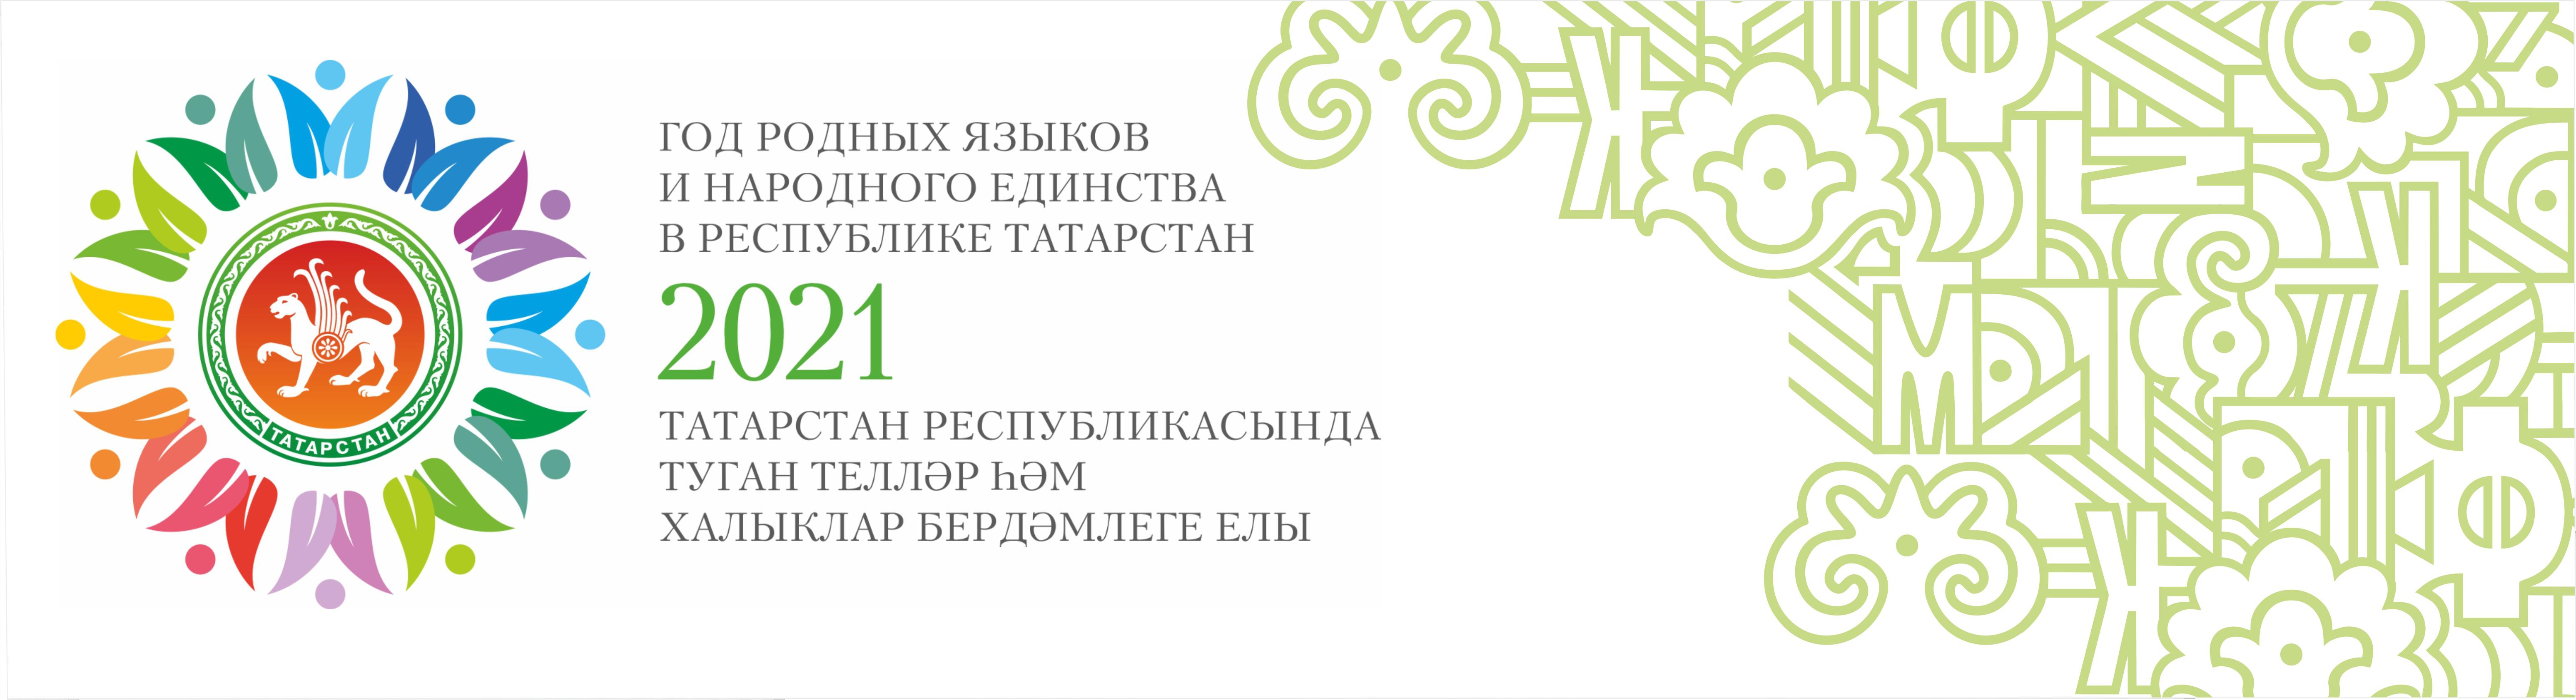 Портал КФУ \ Образование \ Институт филологии и межкультурной коммуникации